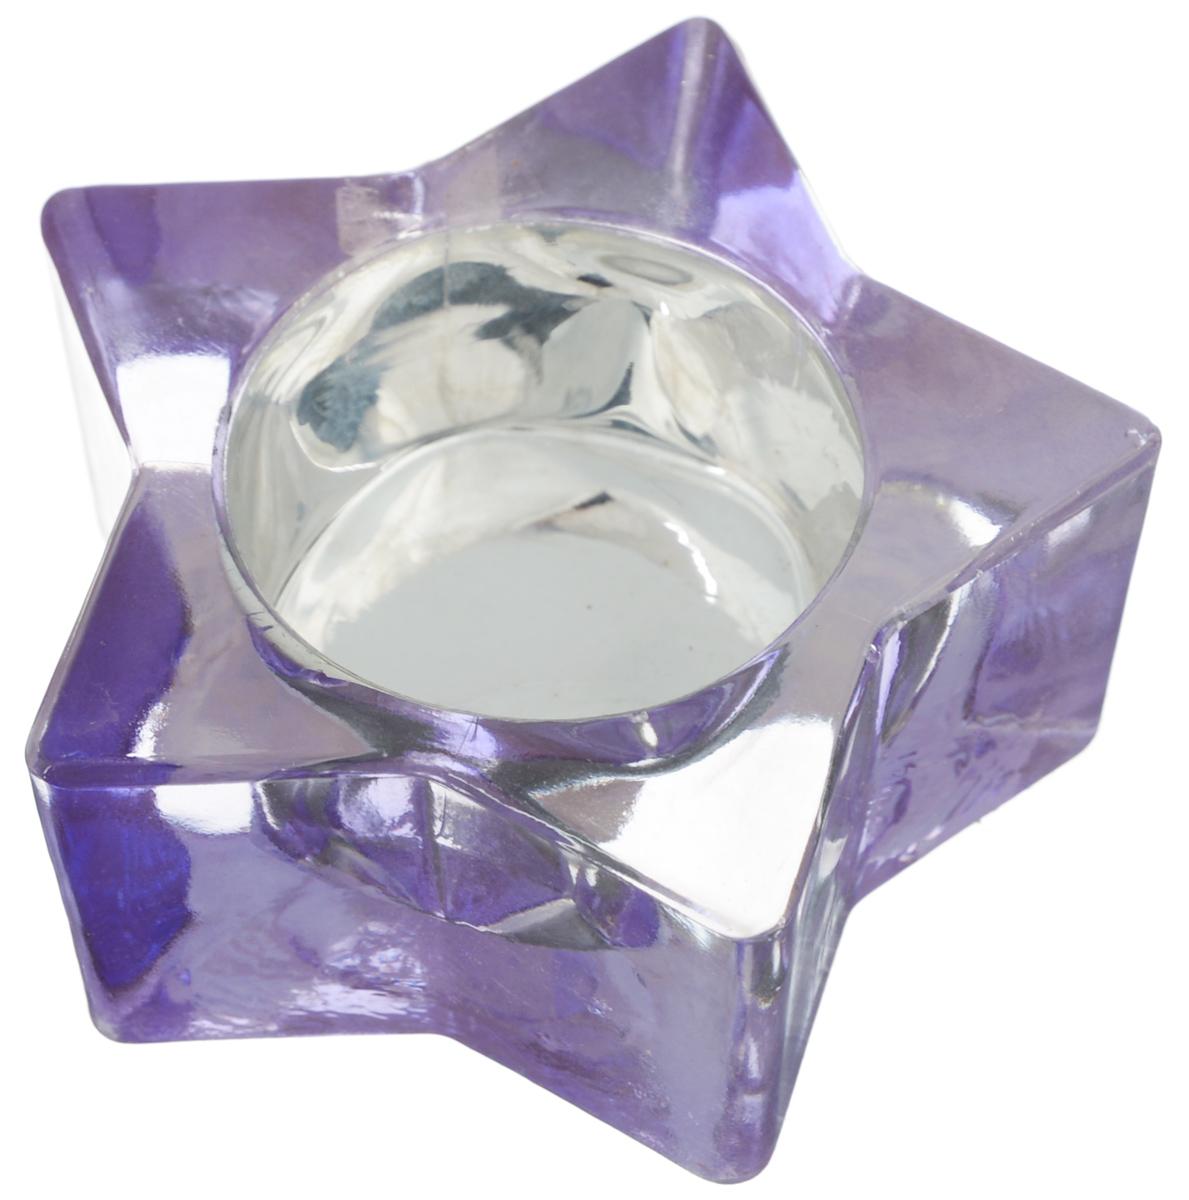 Подсвечник Loraine Звездочка, цвет: фиолетовый20239_фиолетовыйДекоративный подсвечник Loraine Звездочка изготовлен из цветного стекла и предназначен для одной свечи. Изделие имеет форму звезды. Благодаря оригинальному дизайну, такой подсвечник позволит украсить интерьер дома или рабочего кабинета оригинальным образом. Вы сможете не просто внести в интерьер своего дома элемент необычности, но и создать атмосферу загадочности. Размер подсвечника: 7,5 х 7,5 х 3,3 см. Диаметр отверстия для свечи: 4,2 см.